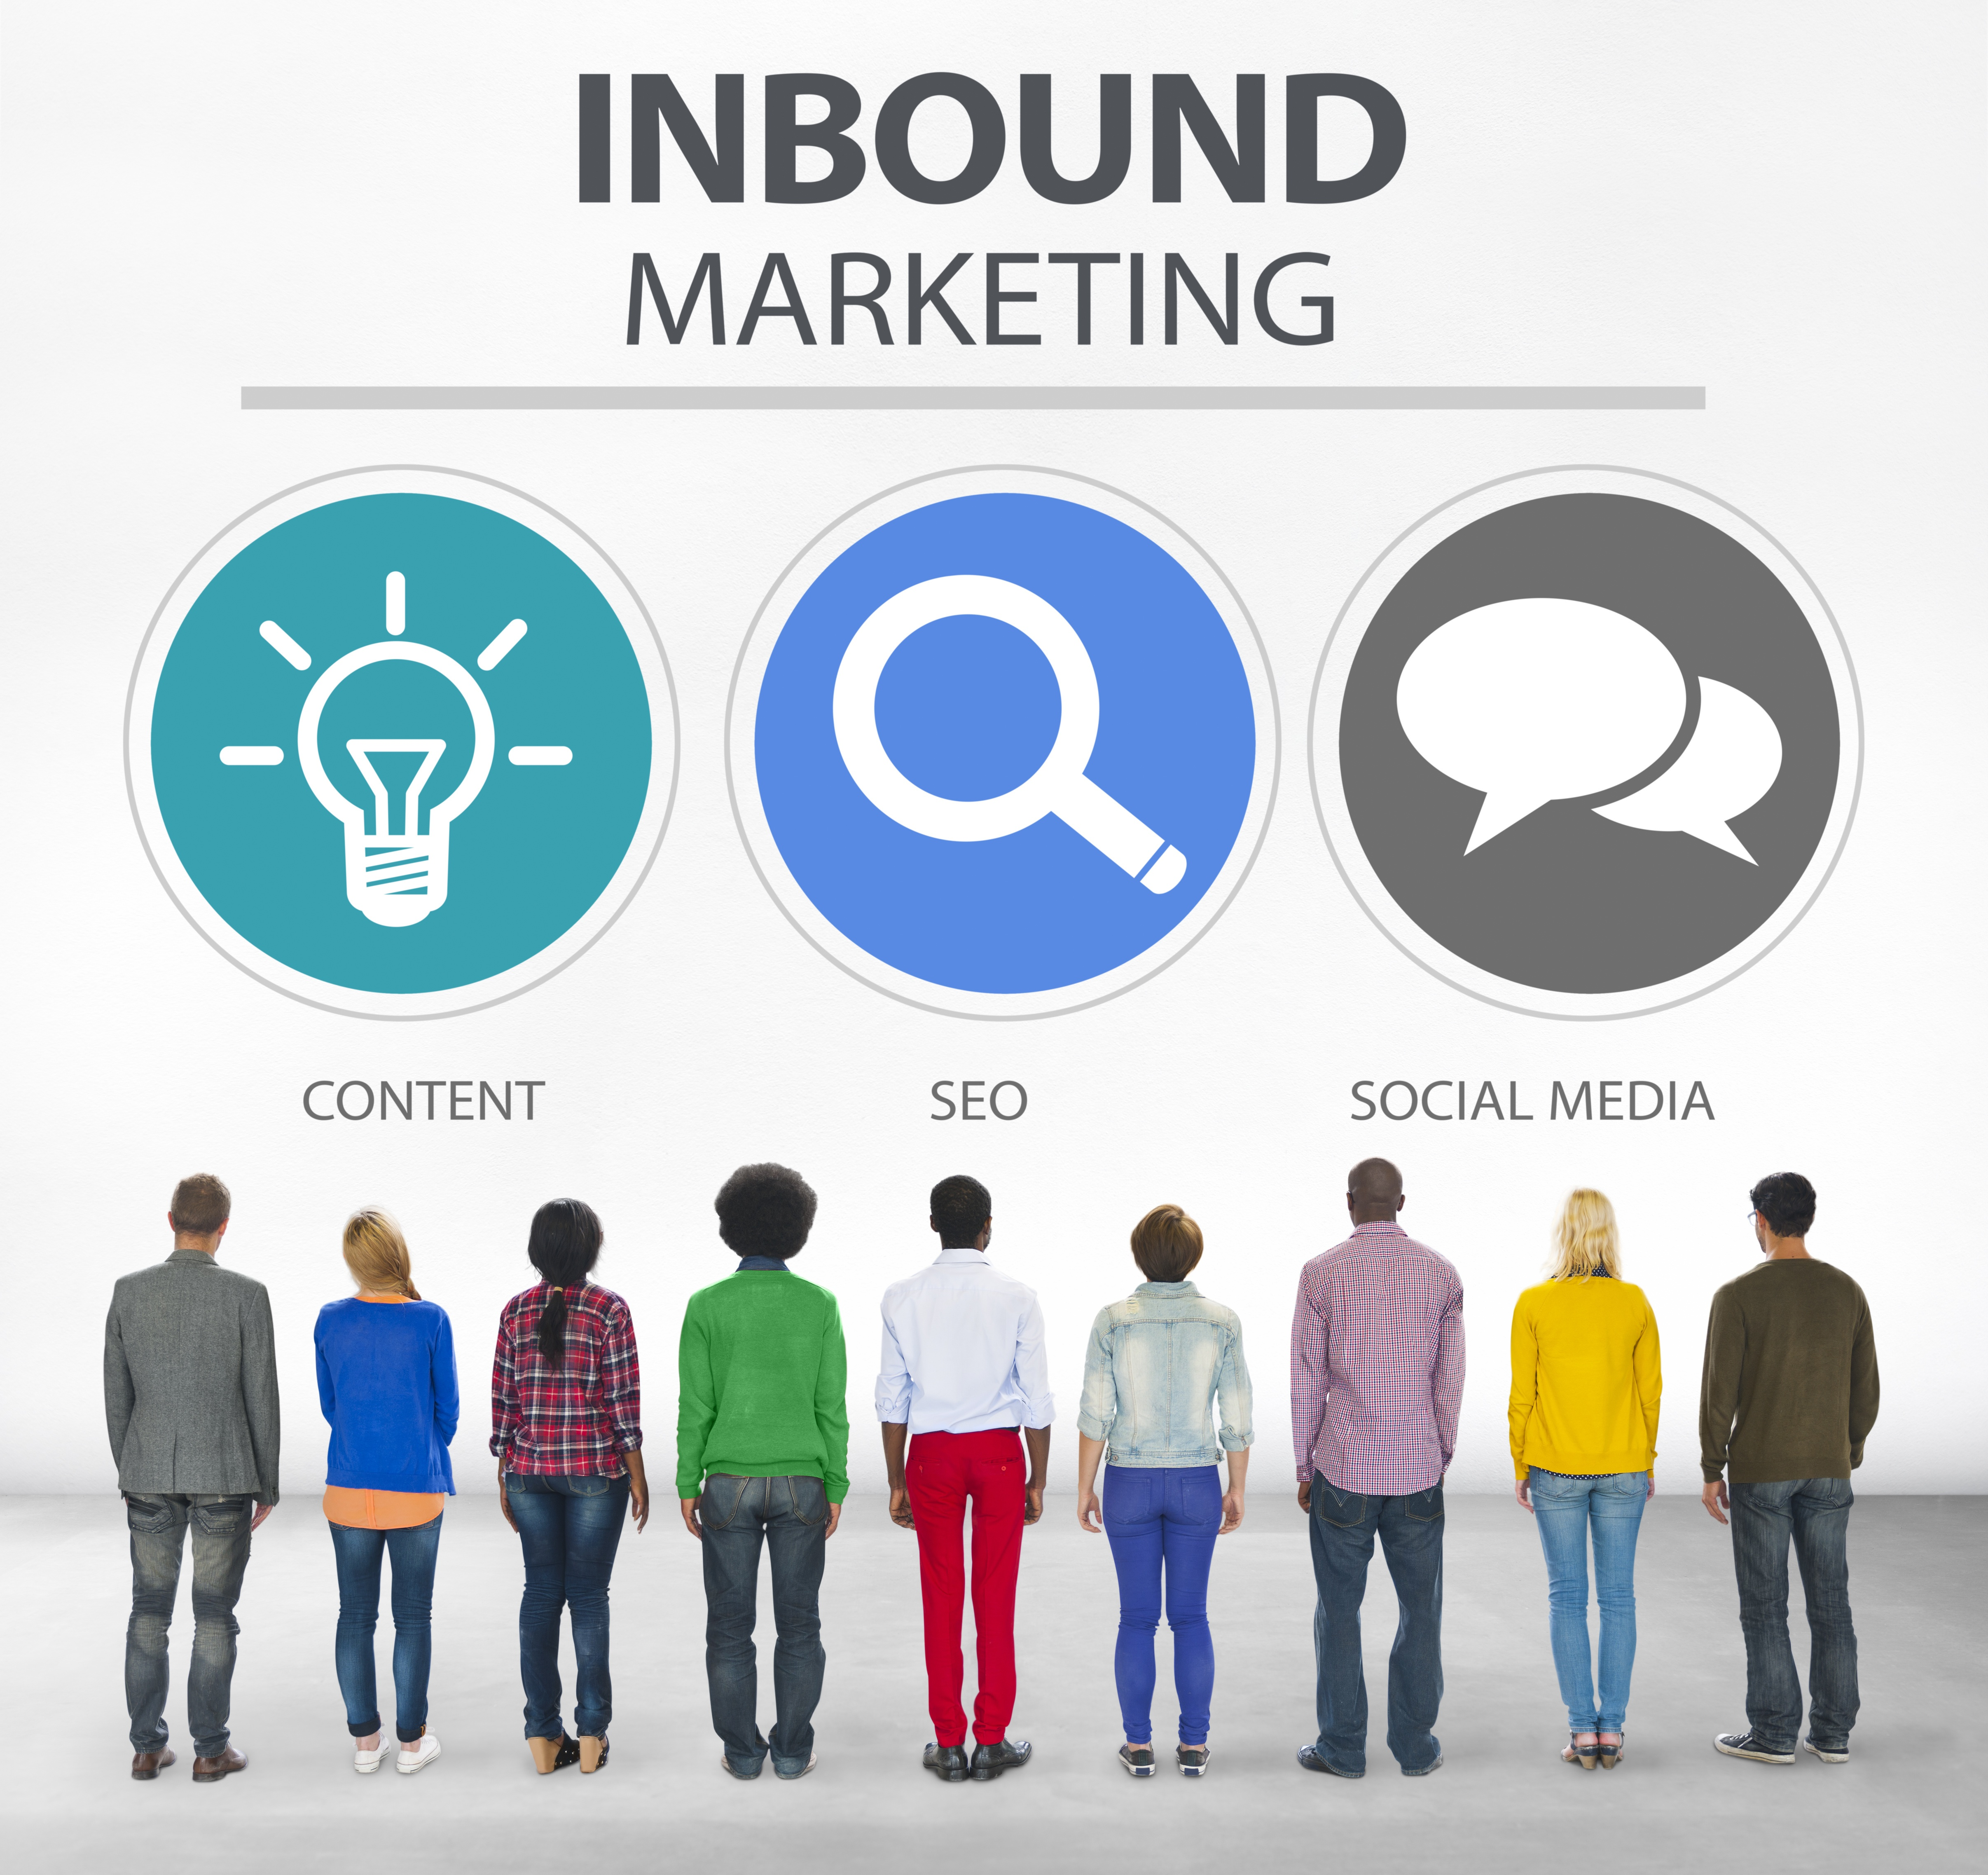 inbound_marketing.jpg